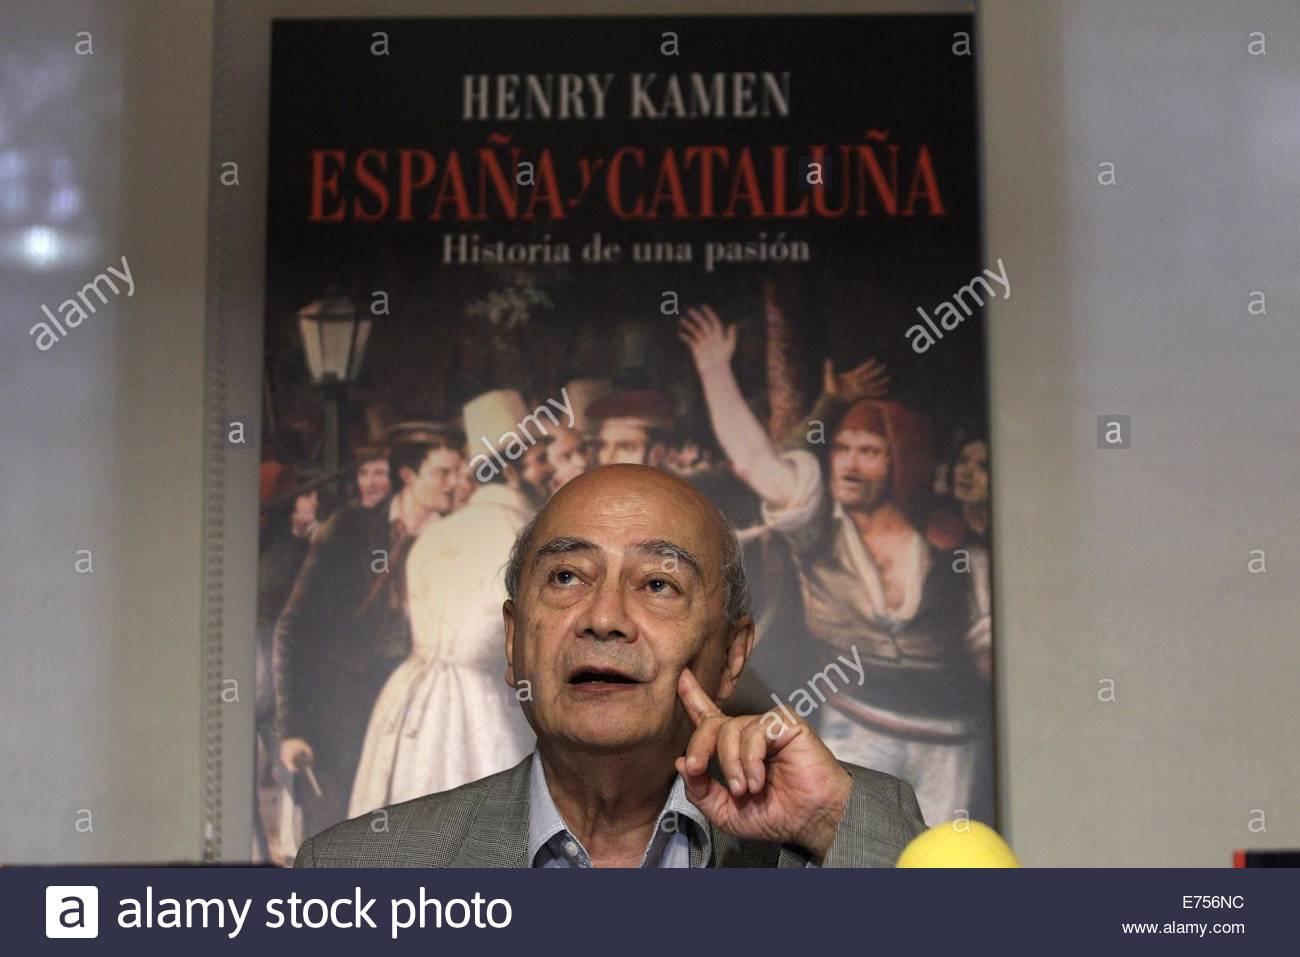 Catalonia vs. spain essay?